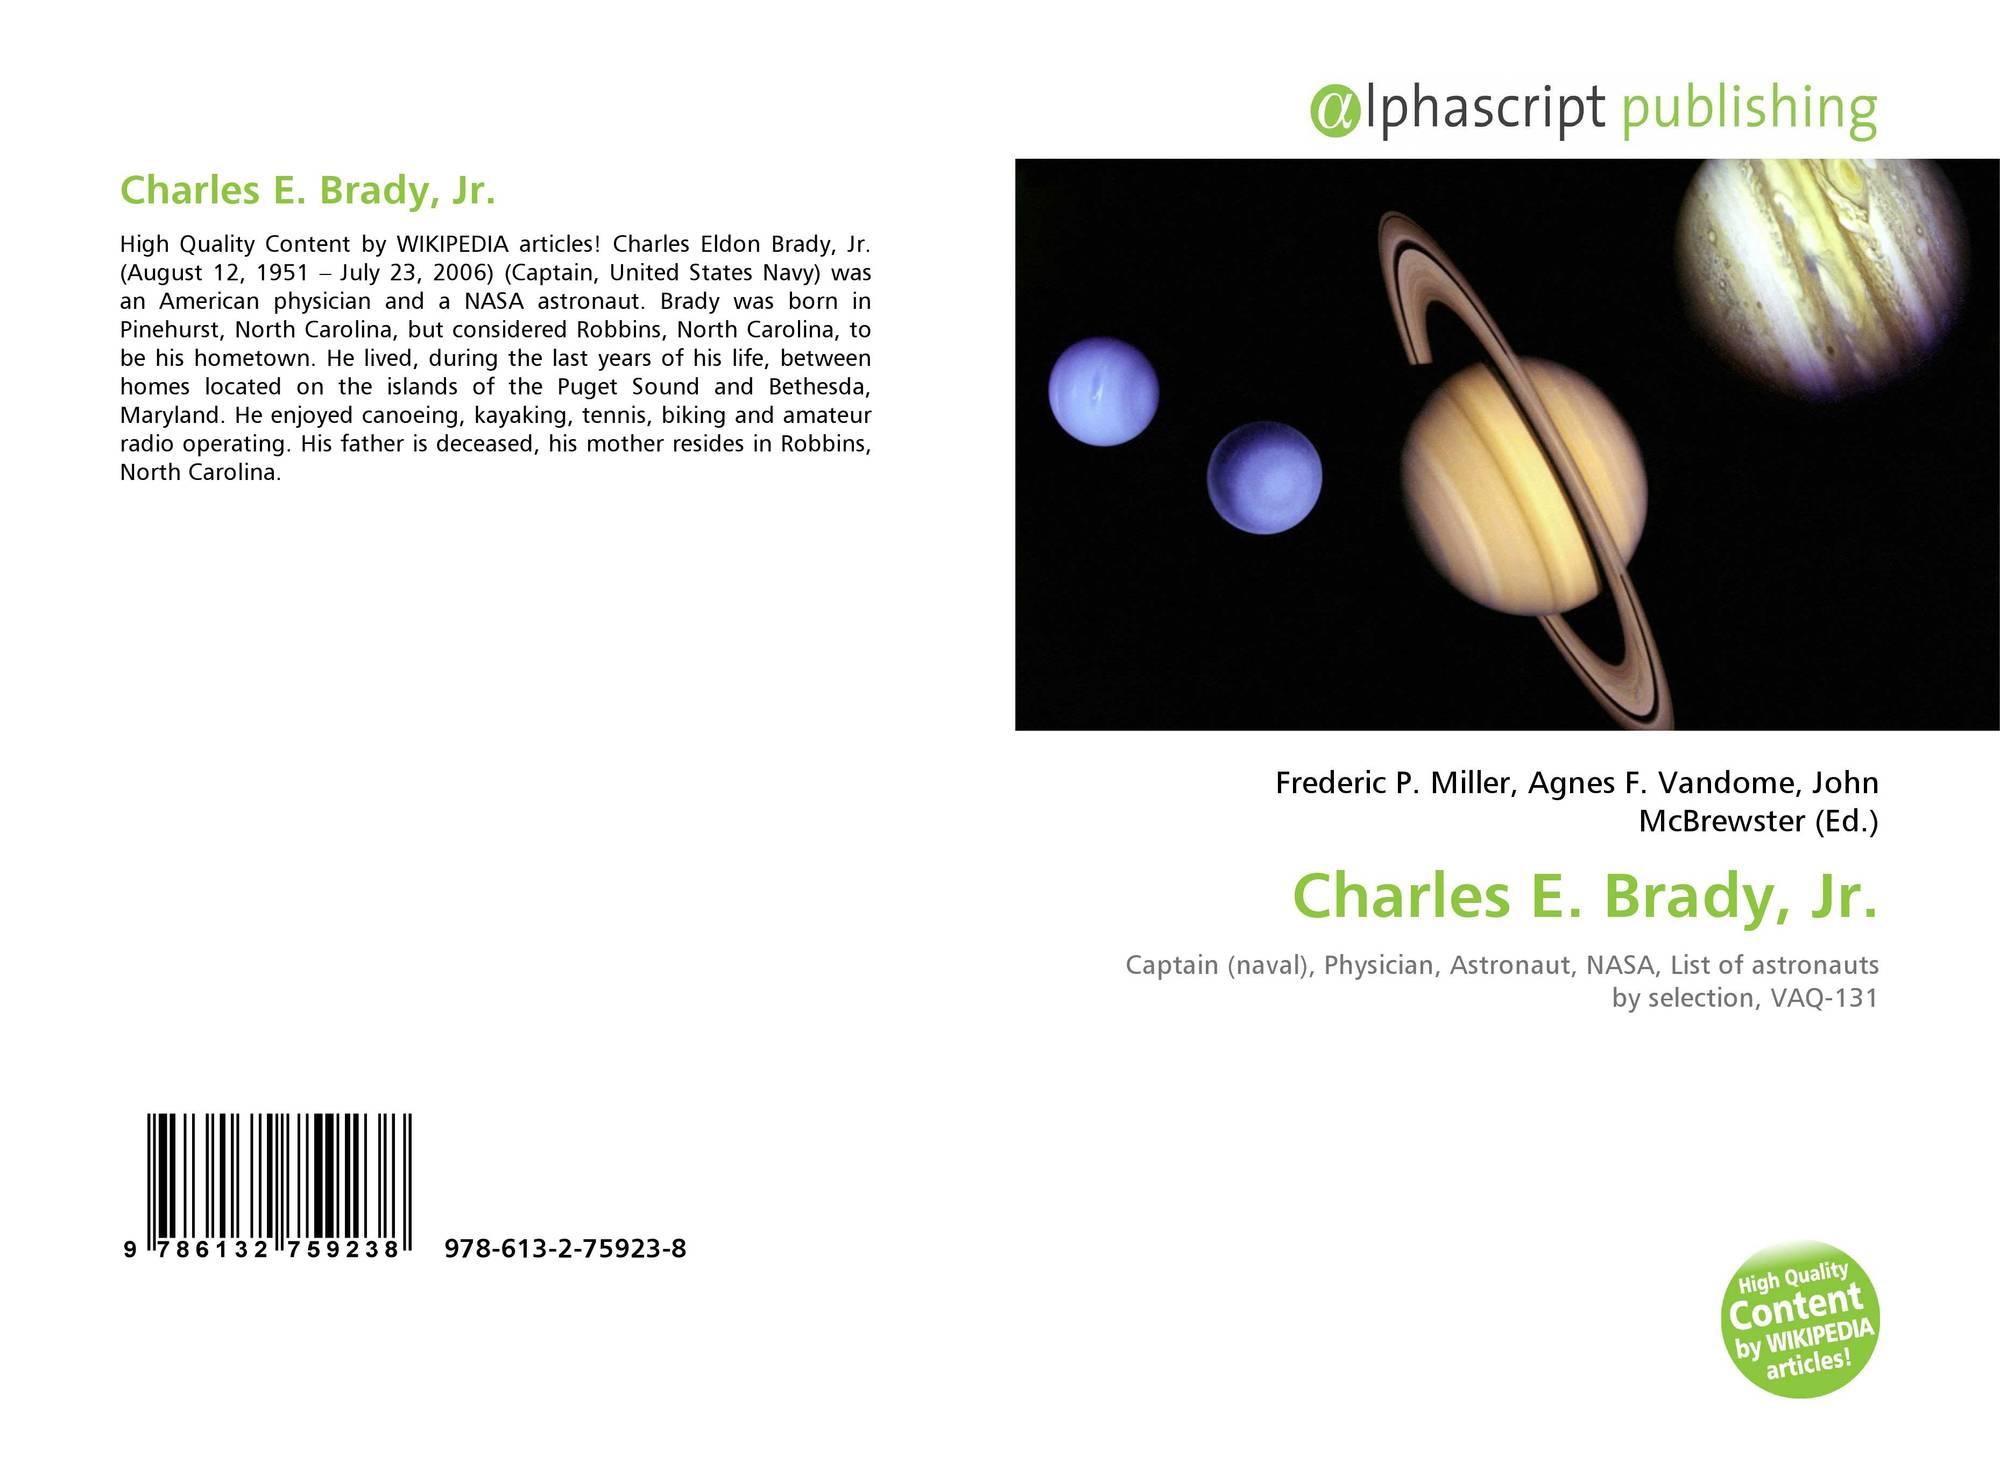 Charles E. Brady, Jr., 978-613...